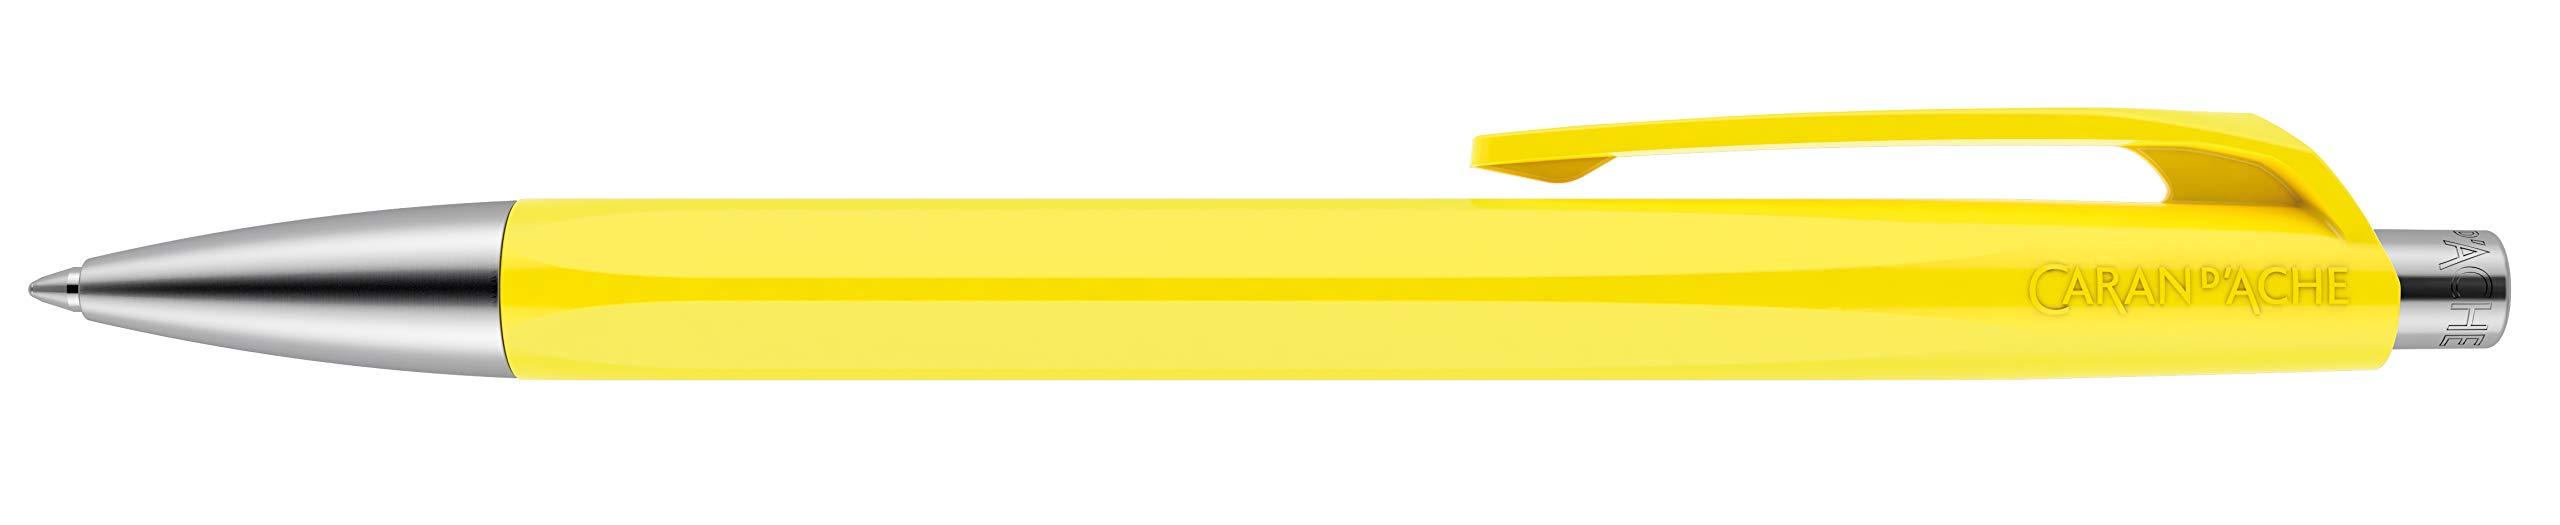 Caran Dache 888 Infinito Boligrafo Resina Amarilla Limon Cu